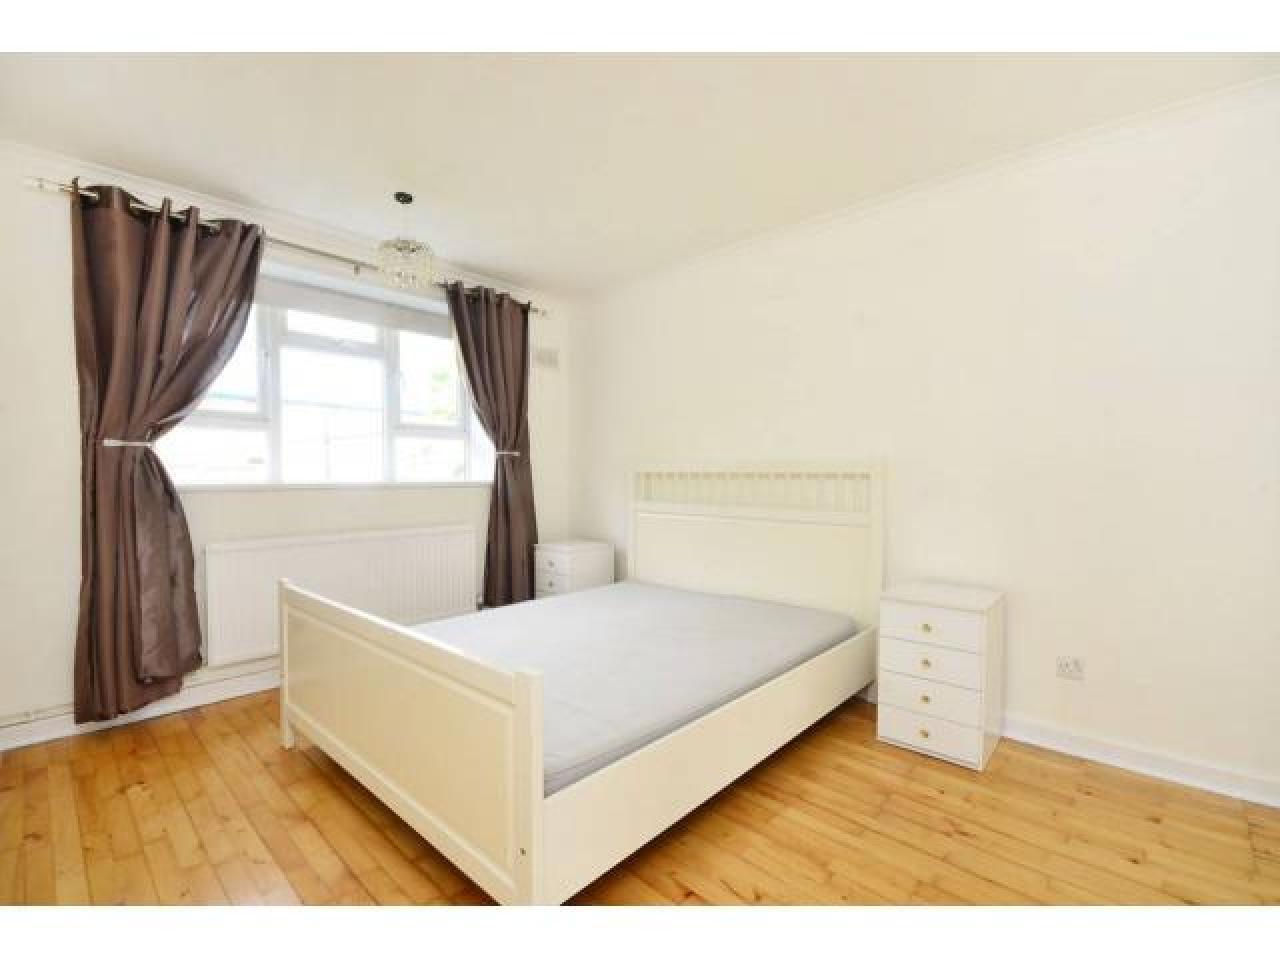 Сдаеться master bedroom для одного человека на Putney SW15 6AG - 5